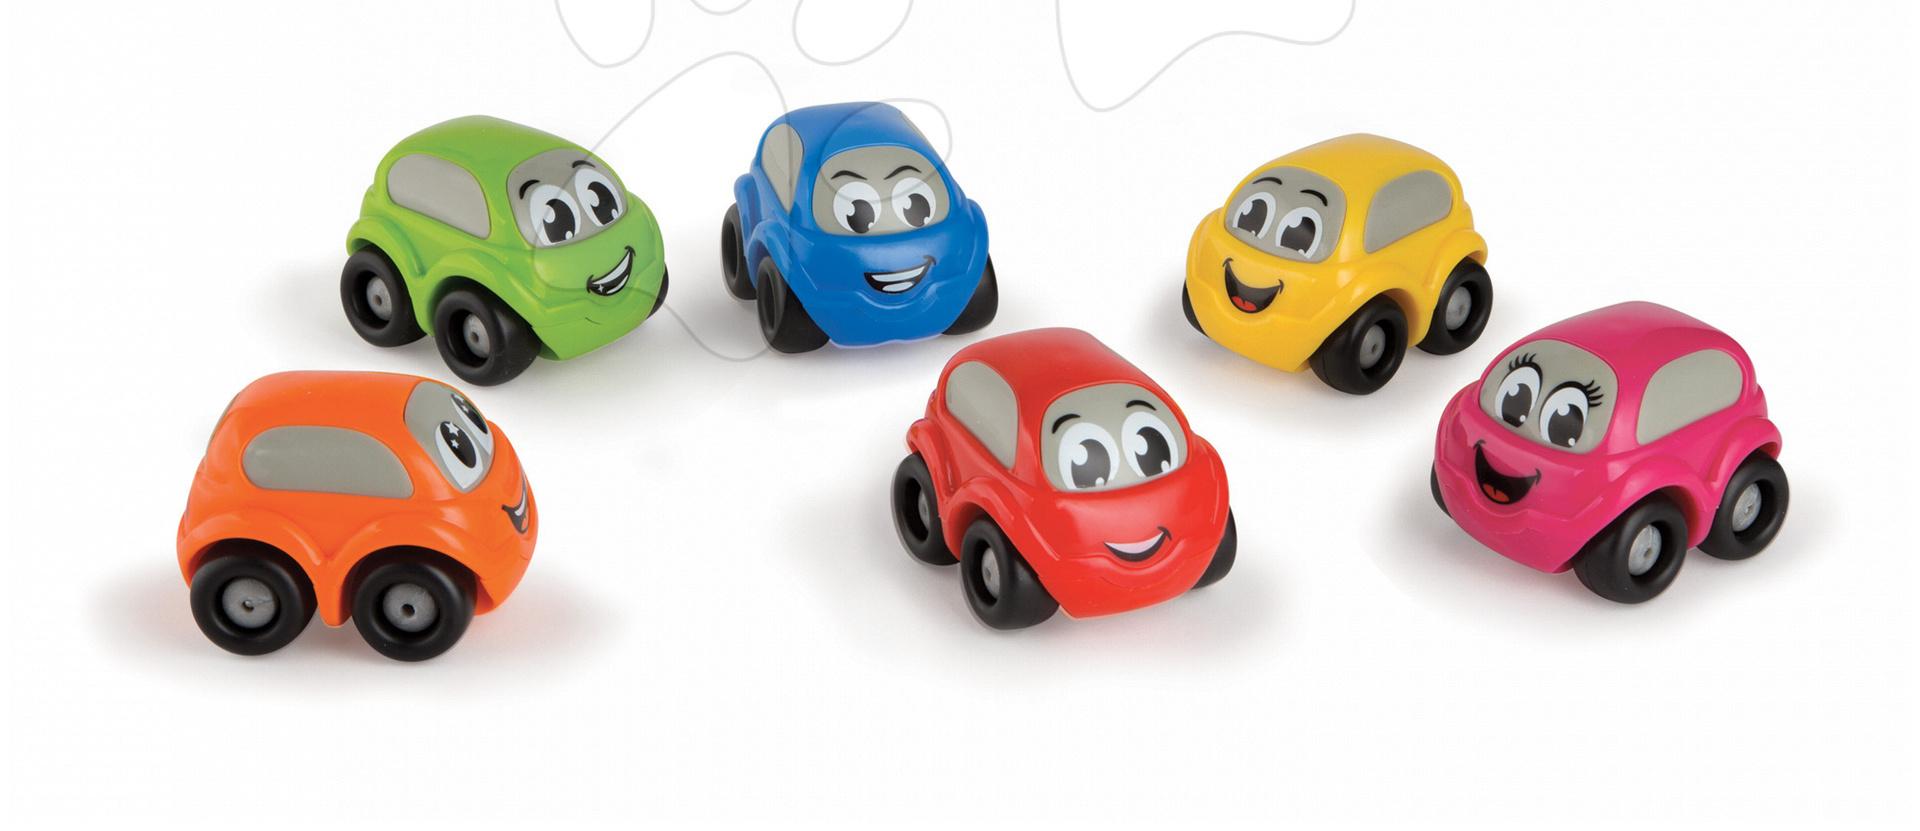 Smoby dětské autíčko Vroom Planet bez obalu 211254 červené/modré/zelené/žluté/oranžové/růžové